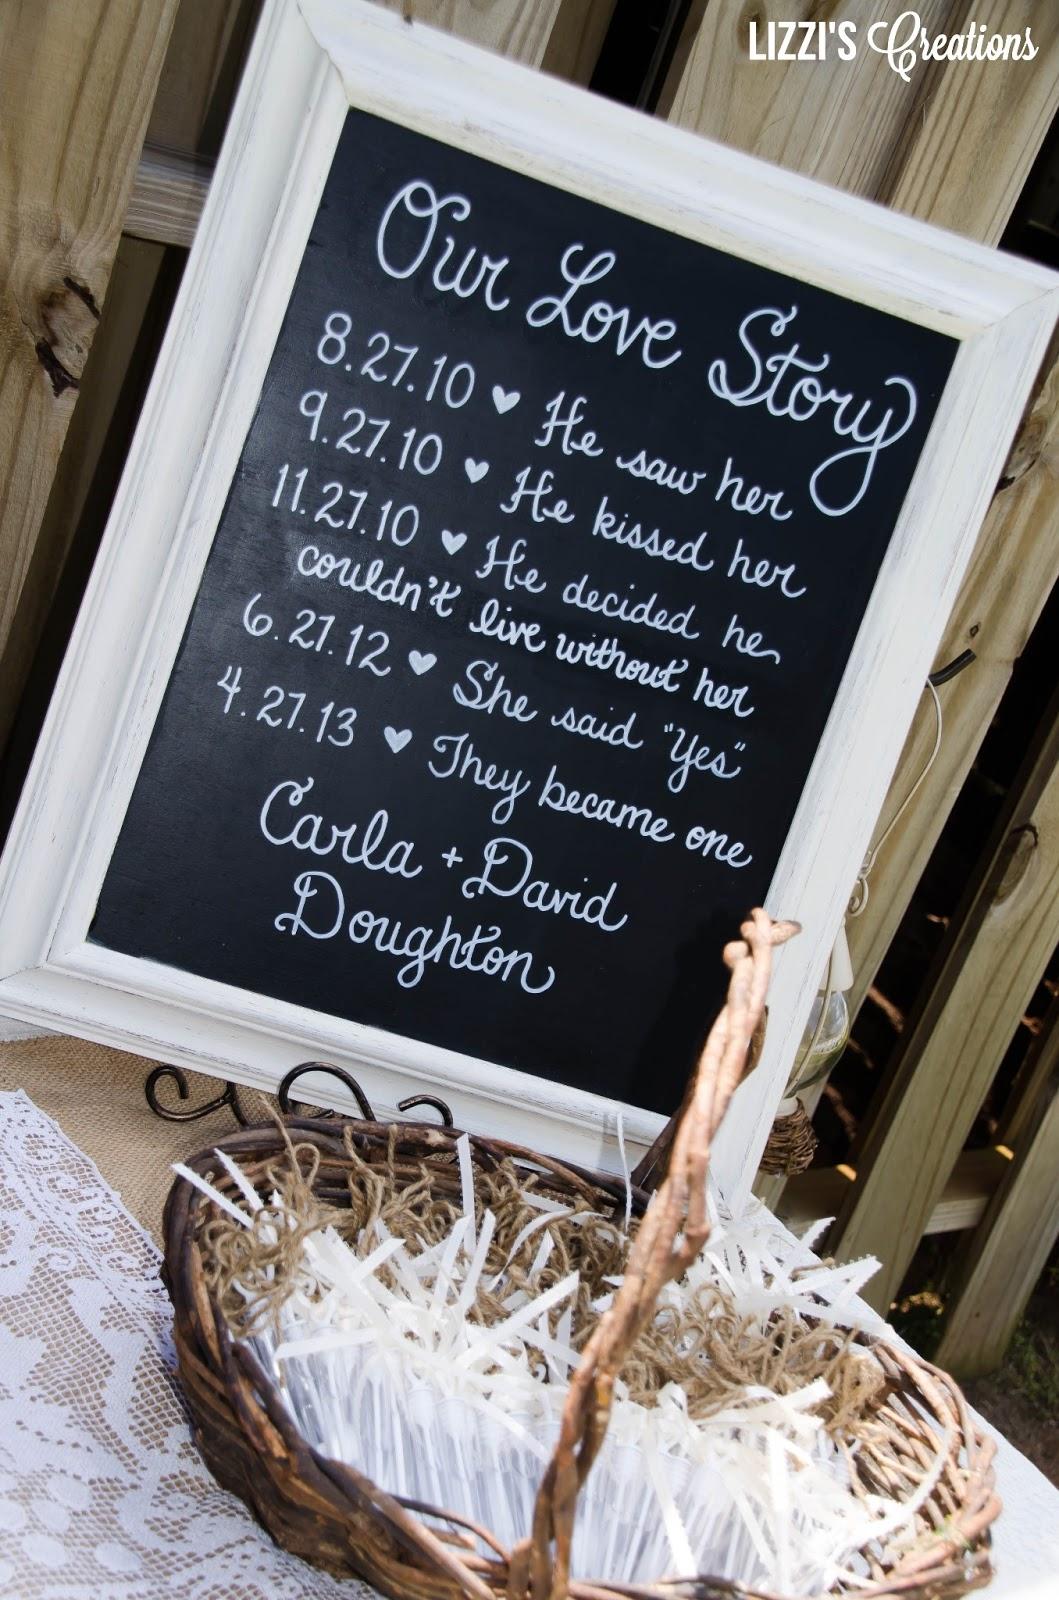 Cute country wedding ideas wedding decor ideas simple outdoor country wedding ideas junglespirit Gallery